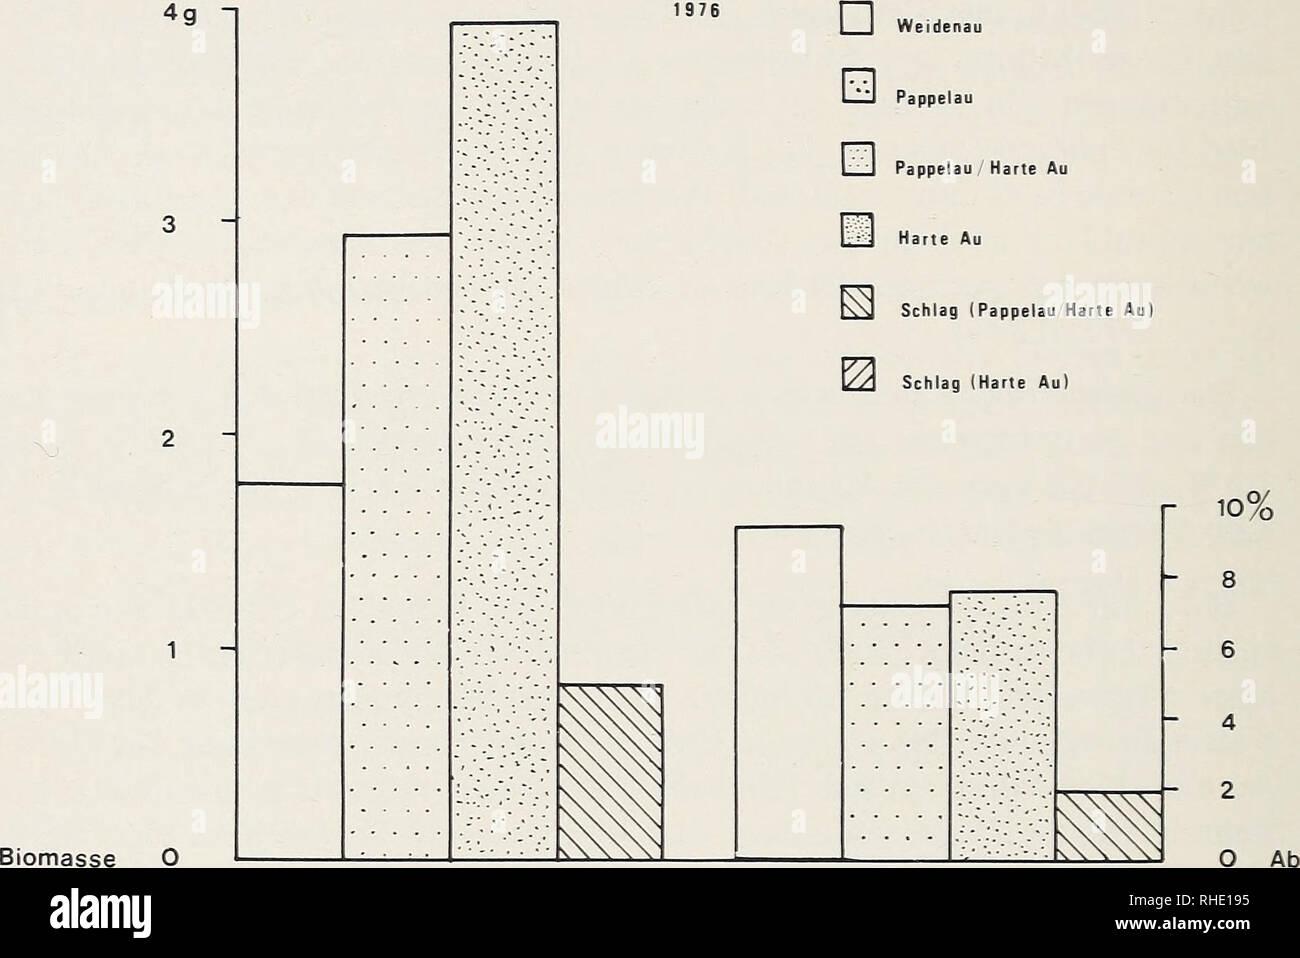 . Bonner zoologische Beiträge :: Zoologisches Herausgeber und Forschungsinstitut Museo Koenig de Bonn. La biología, zoología. 206 M. Pintar Bonn, Zool. Beitr. unter anderem für die gesamte Anurenfauna dieses Gebietes geltende, Beein- trächtigung durch den Kraftwerksbau besonders für den Moorfrosch (totale Zerstörung der Anfangsgesellschaften) eine starke Gefährdung dar (Pintar &Amp; STRAKA 1981). 2g 1 Biomasse O W777R 10% - 8 6 4 2 O Ab Abb. 9: Vergleich von Biomasseabundanz en Gramm pro Falleneinheit (enlaces) und indivi- duenabundanz (Bufo bufo) von rechts in den einzelnen Lebensräumen. Imagen De Stock